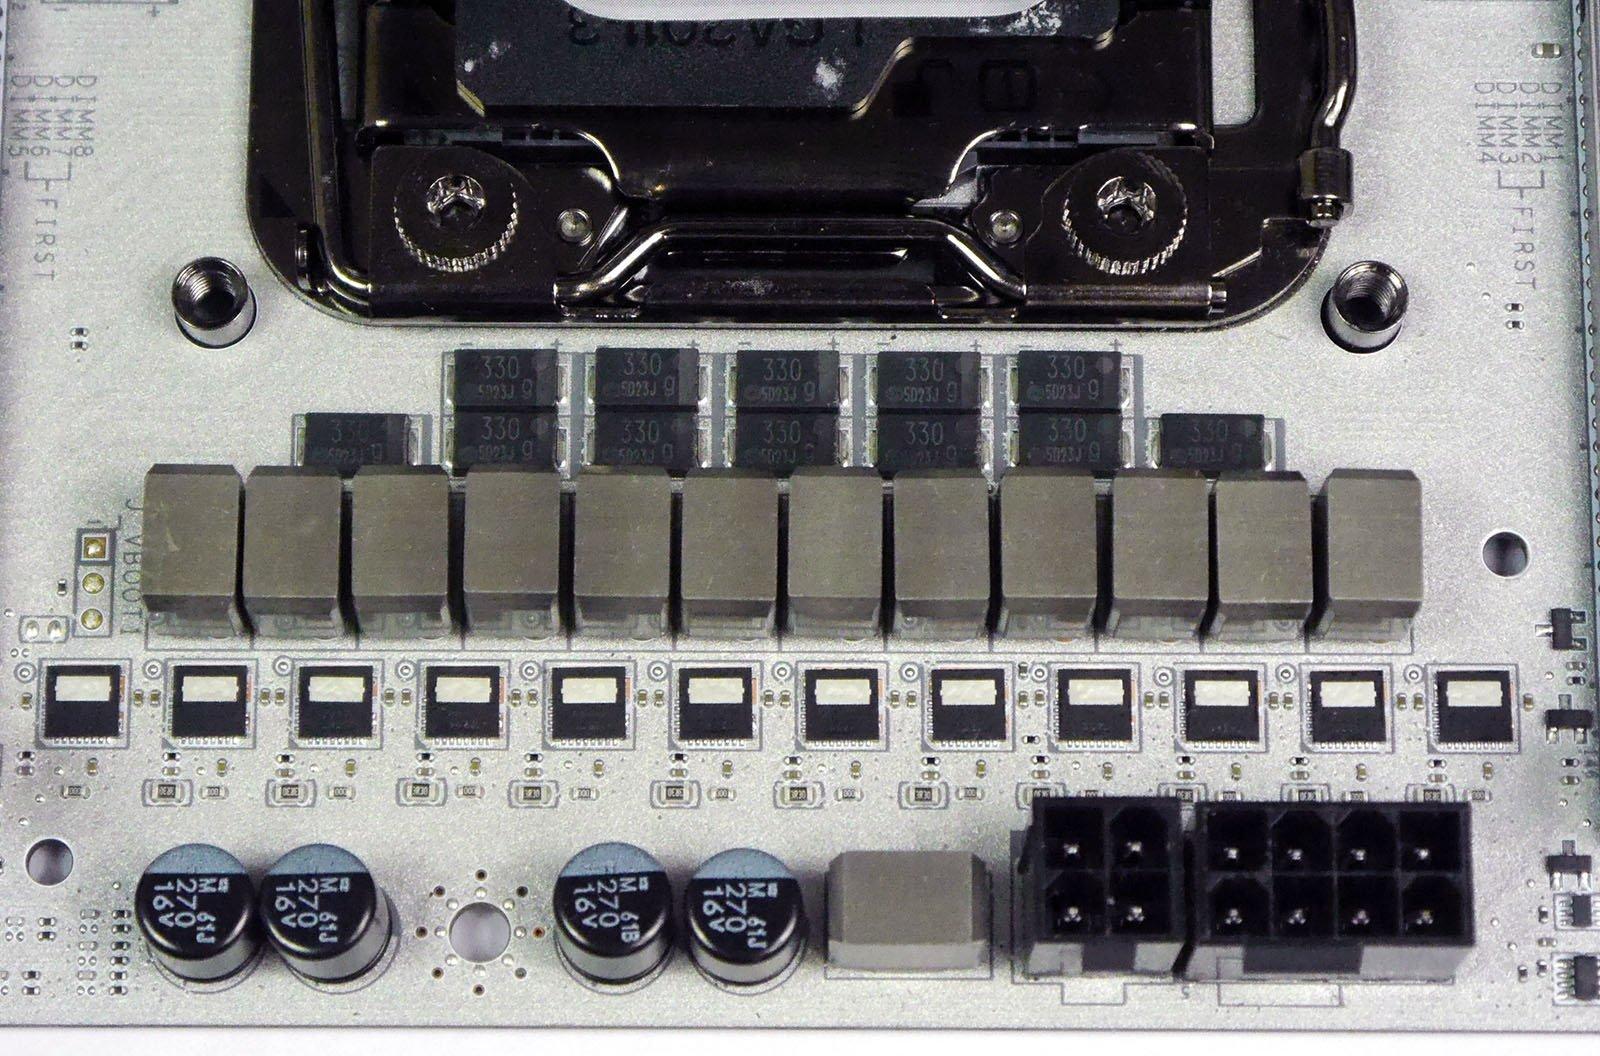 MSI X99A XPOWER Titanium - VRMs